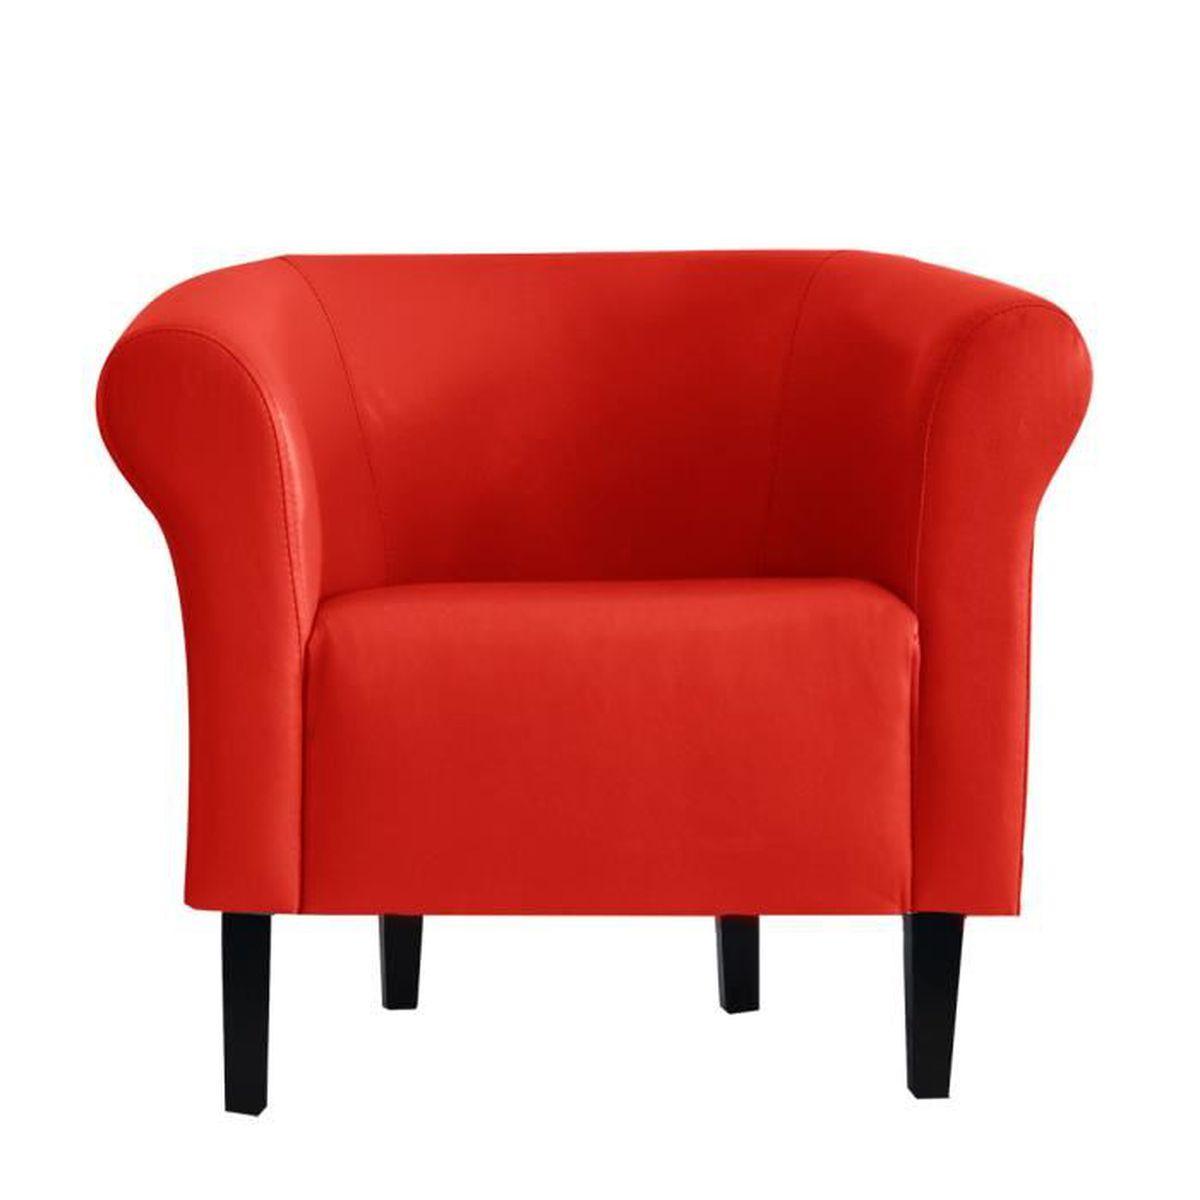 fauteuil crapaud monaco 2 simili cuir rouge Résultat Supérieur 50 Inspirant Fauteuil Crapaud En Cuir Pic 2017 Kdh6